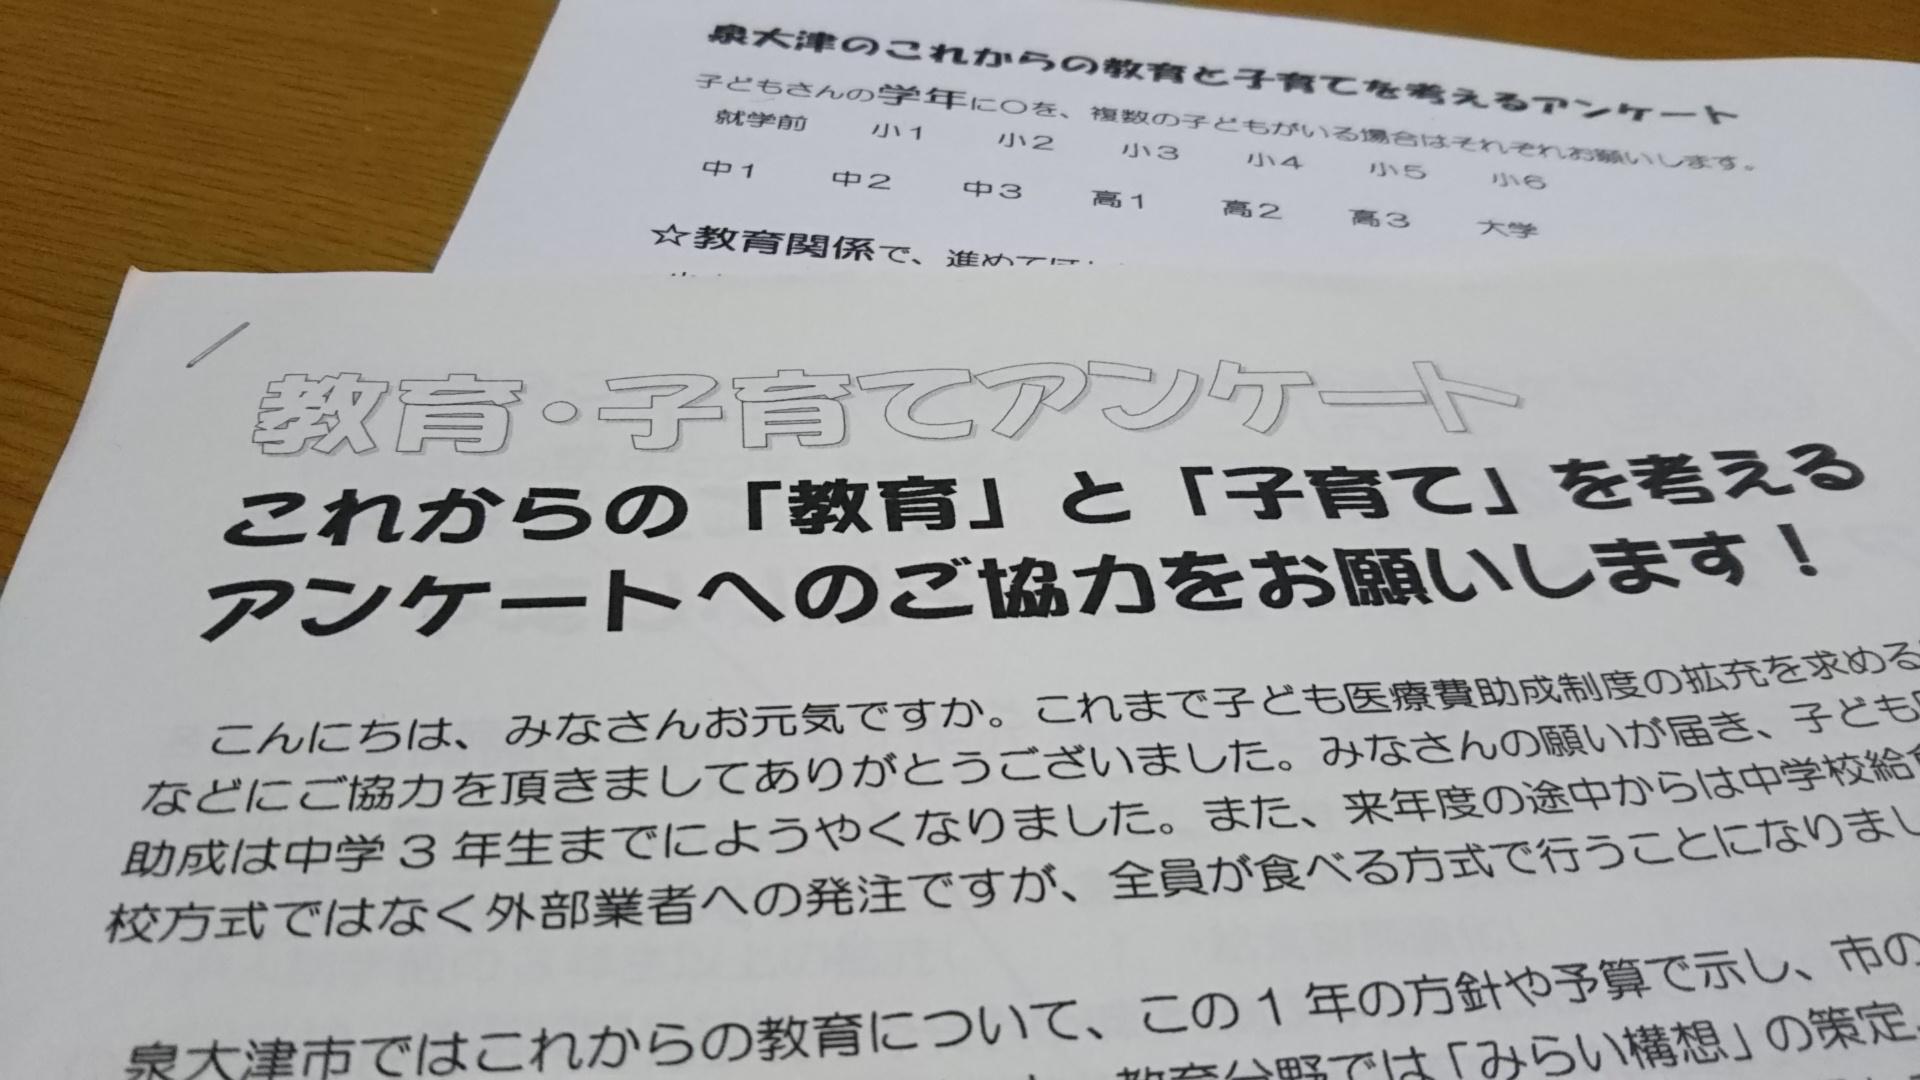 これからの泉大津の教育と子育て支援を考えるアンケートに取り組んでいきます